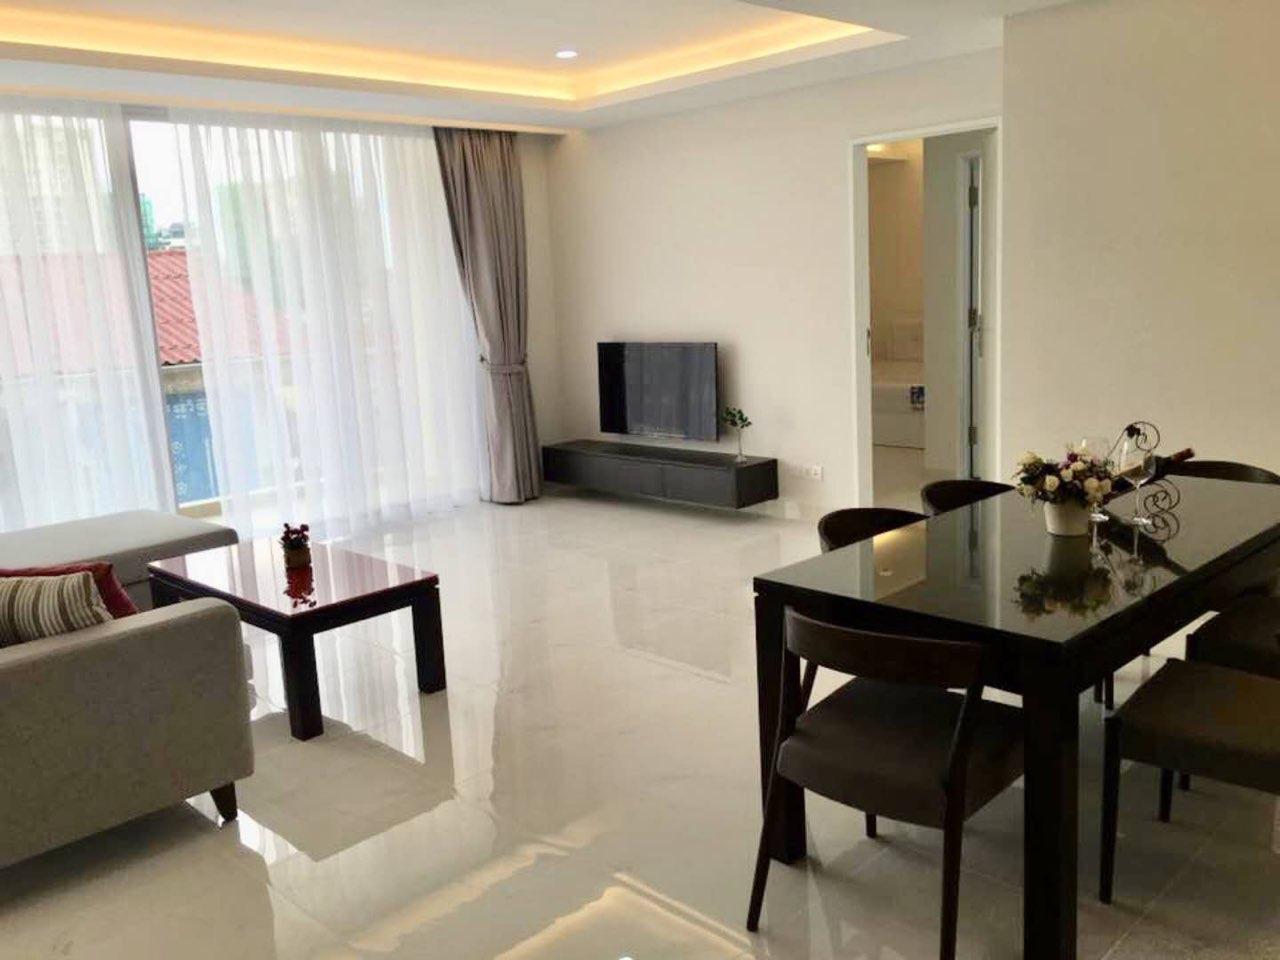 公寓 BKK1 舒服的家 2房;3房